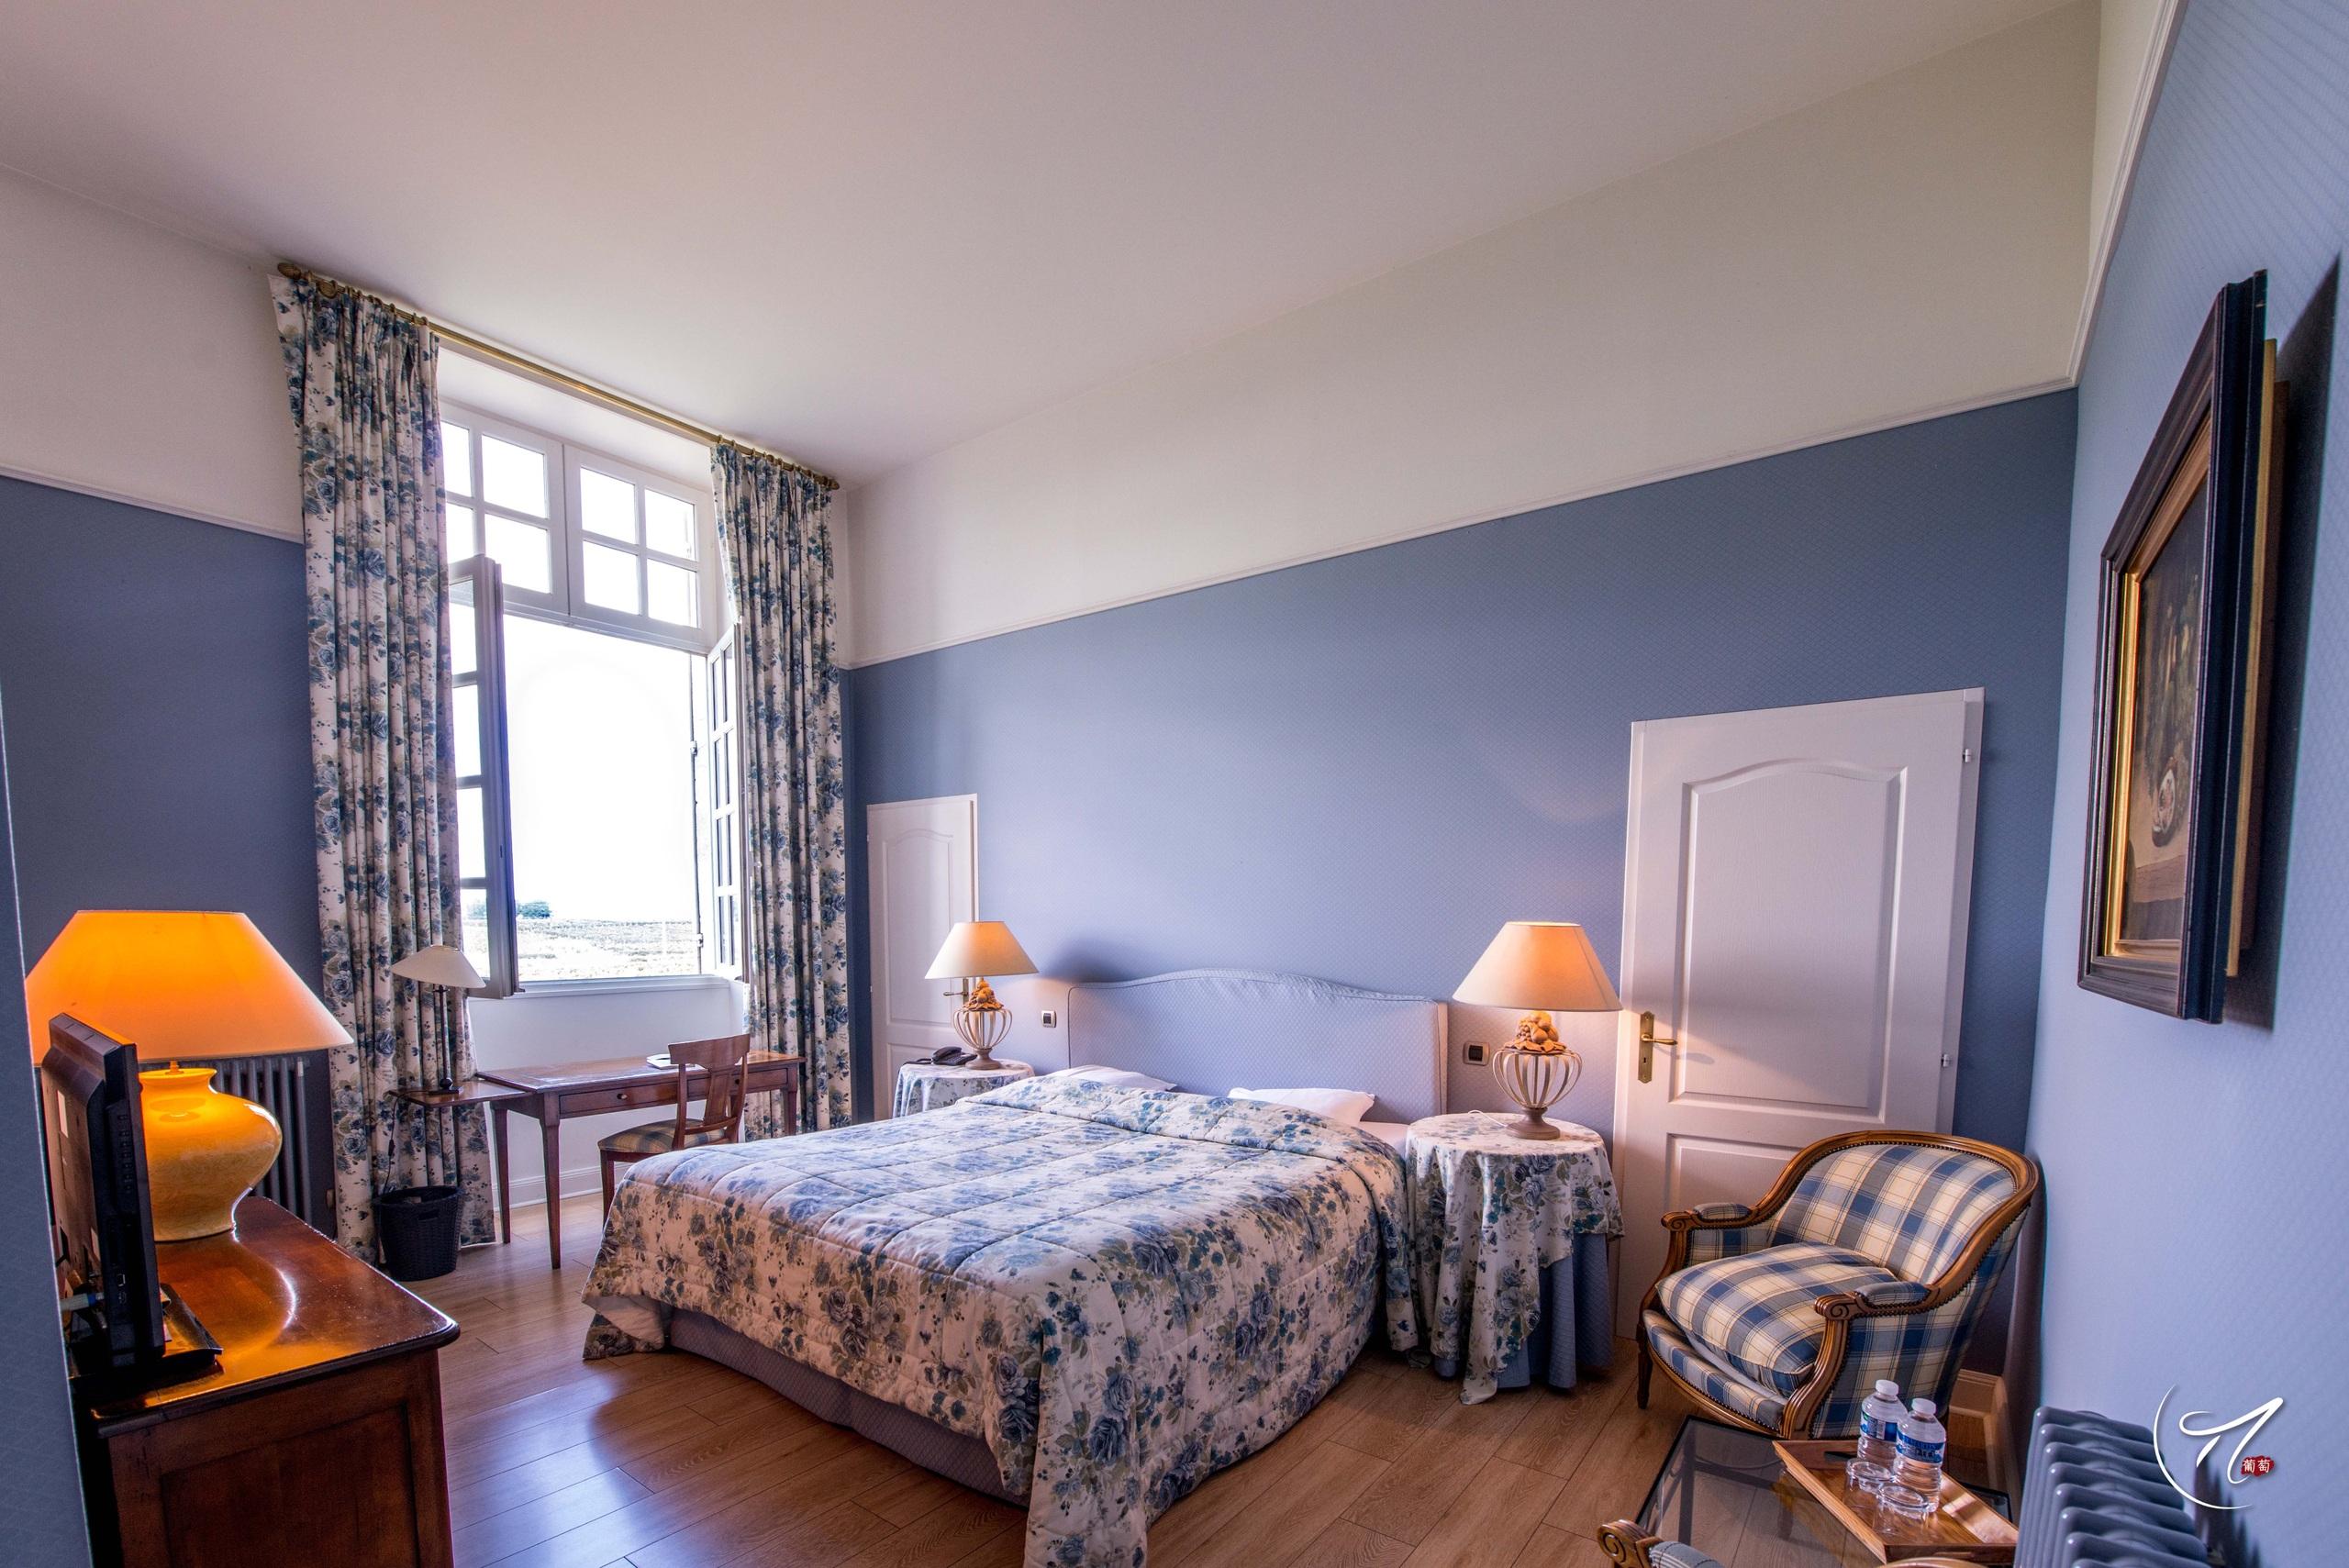 Nos chambres doubles - Chateau d'Arche